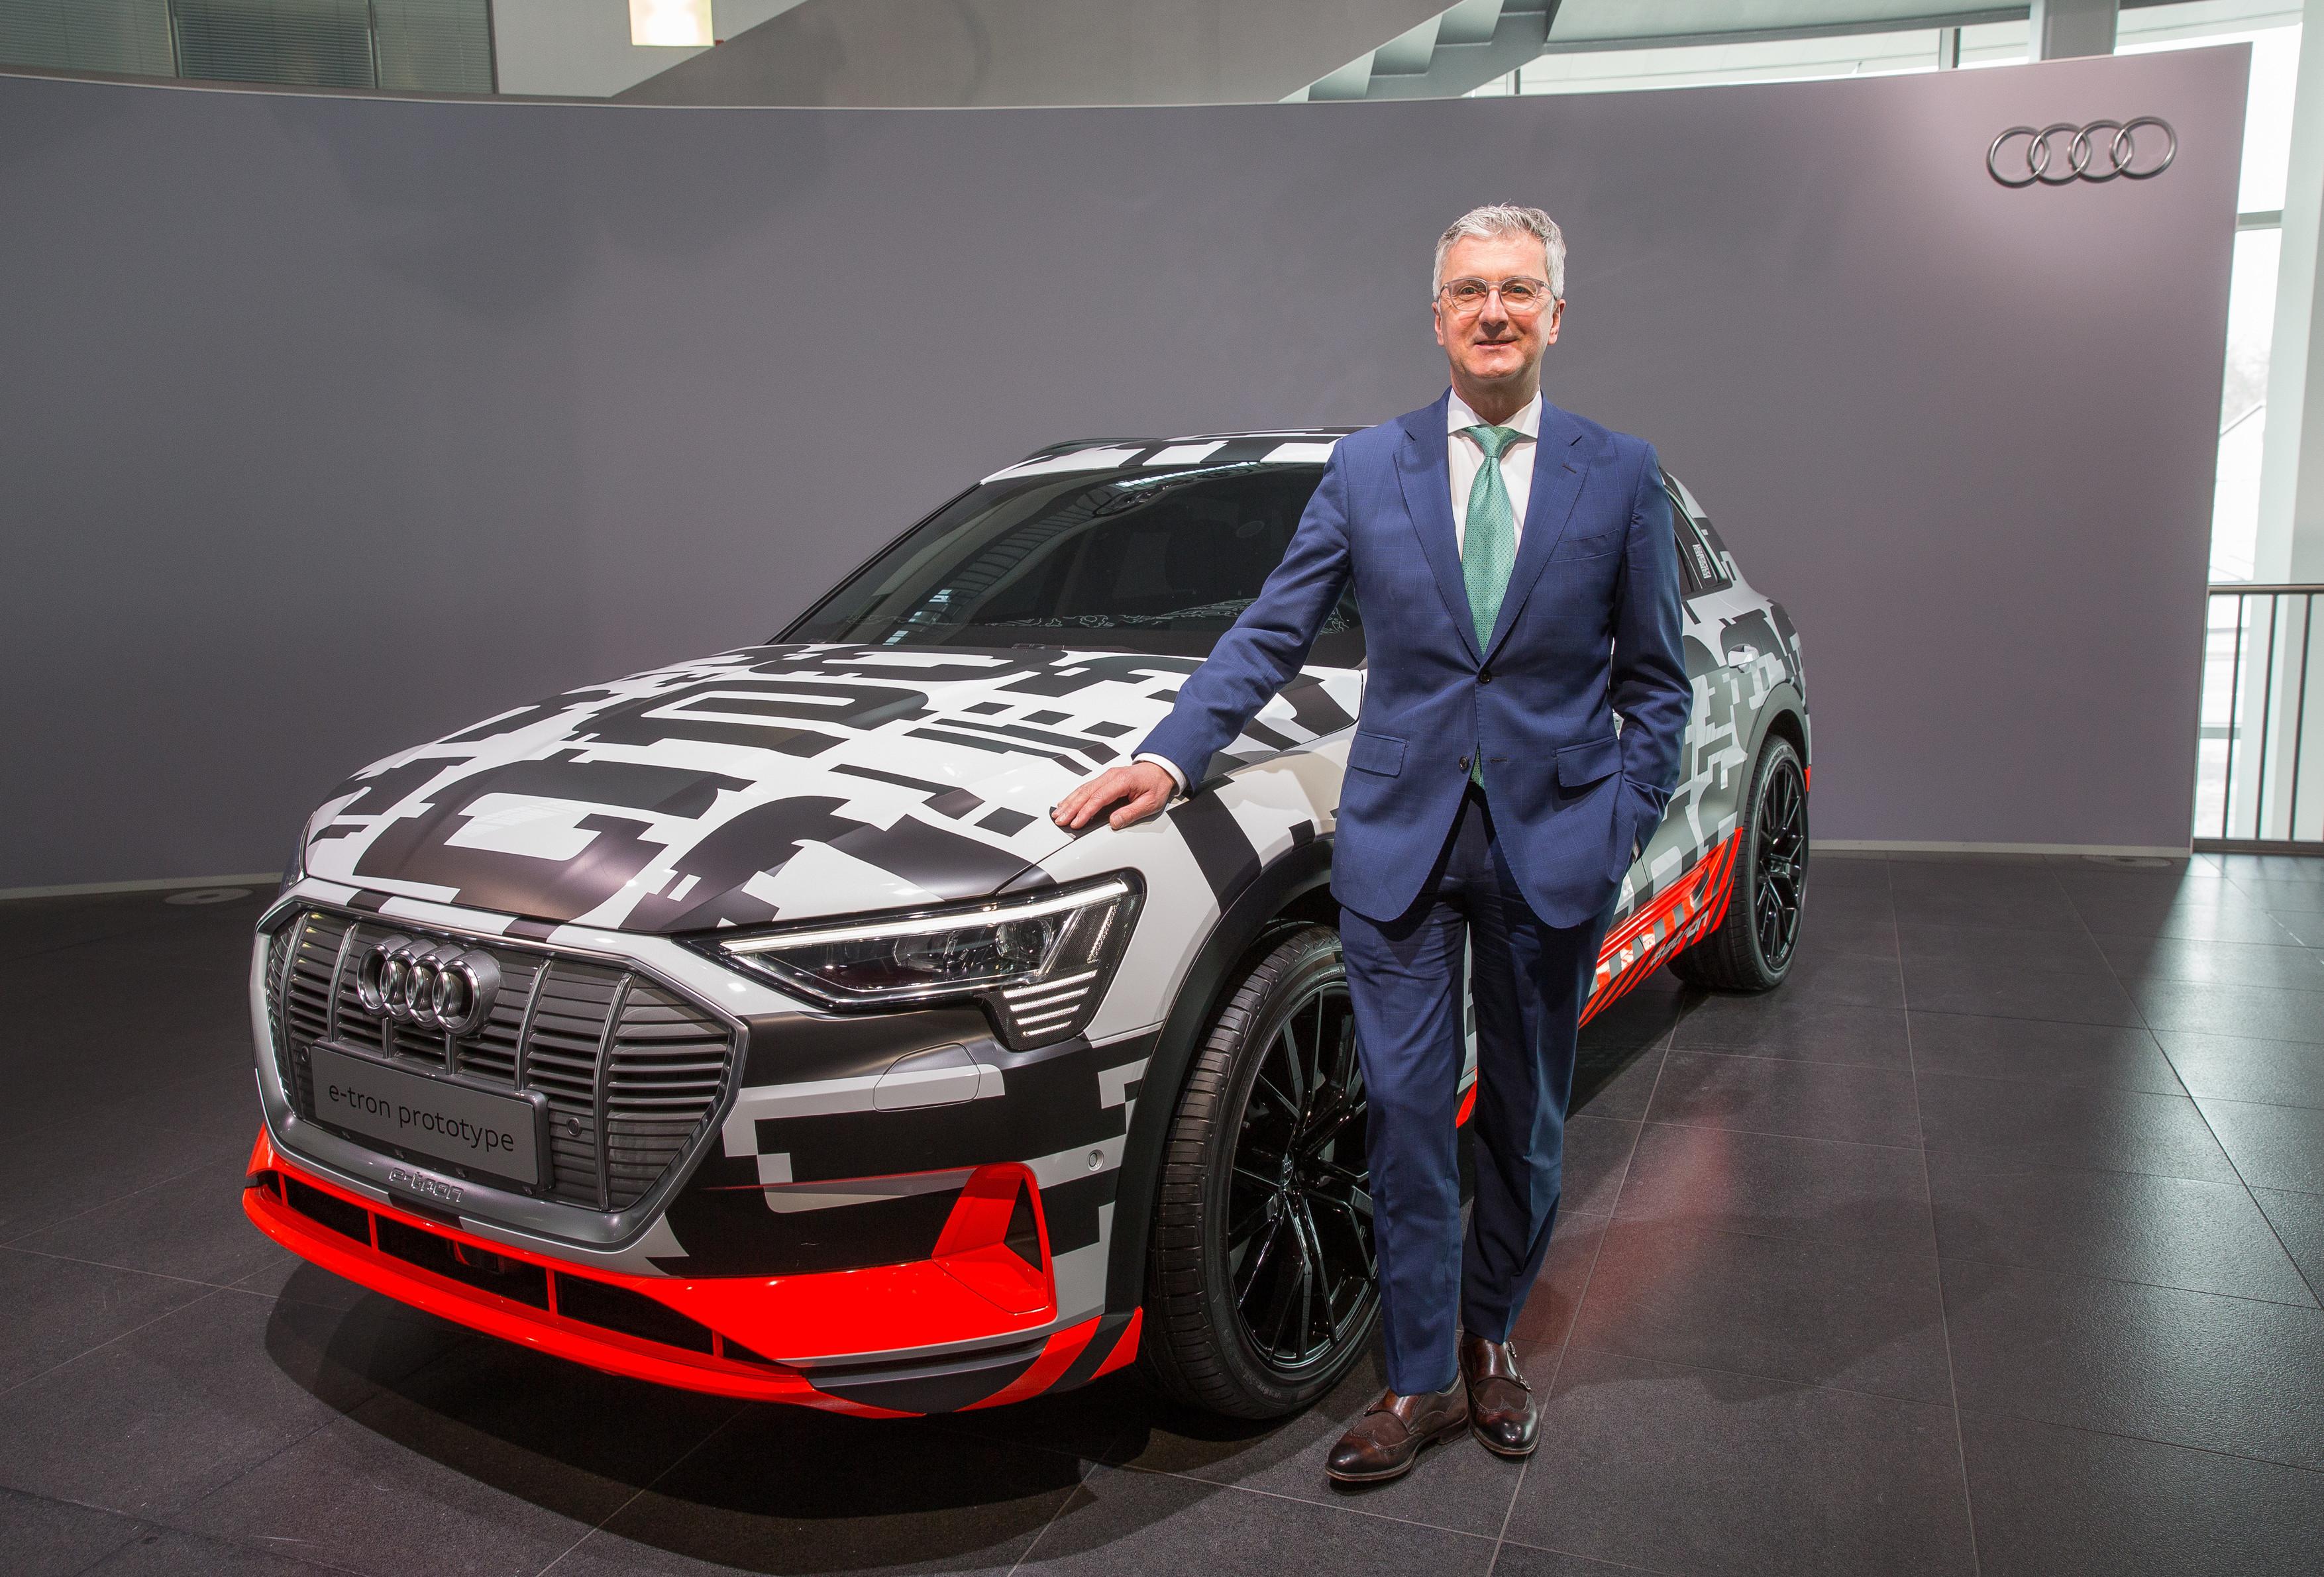 Audi boss arrested over diesel emission scandal